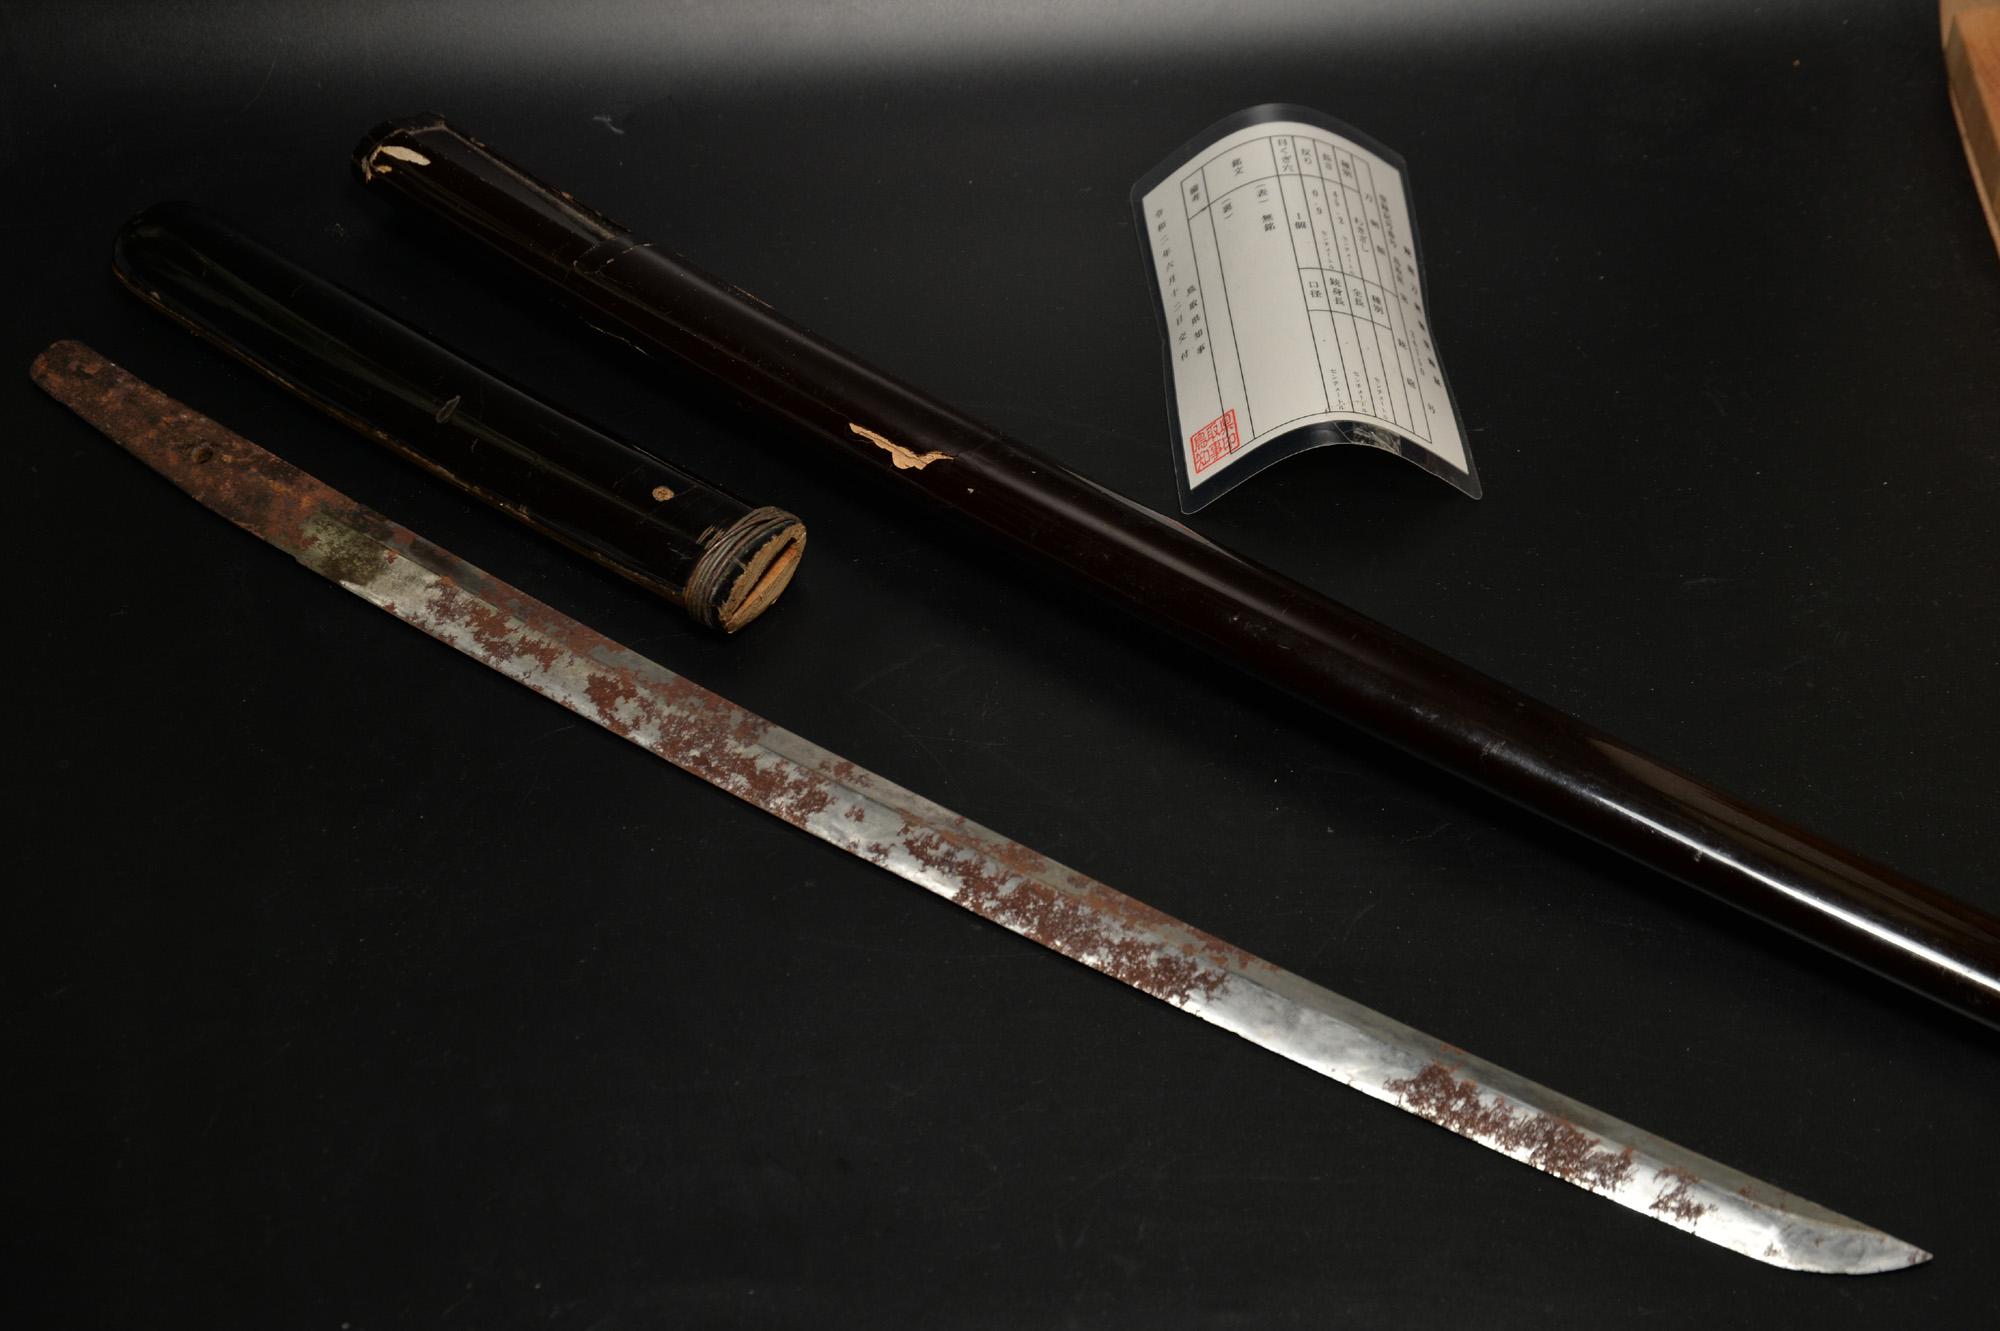 錆びた脇差しを購入したので銃砲刀登録証(鳥取県)の所有者変更をいたします。